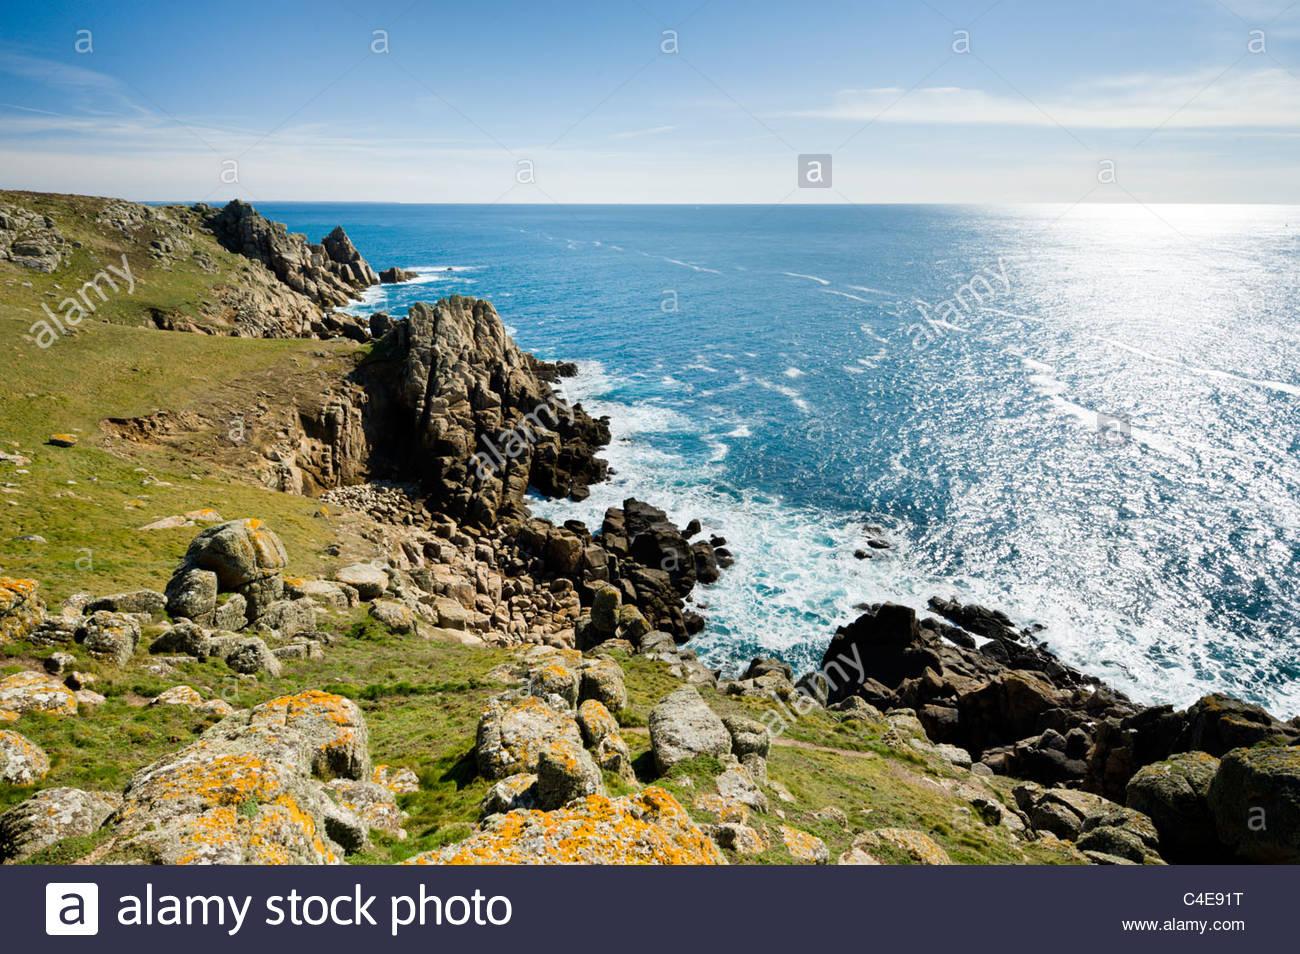 La costa frastagliata a testa Gwennap, penisola di Penwith, West Cornwall. Immagini Stock